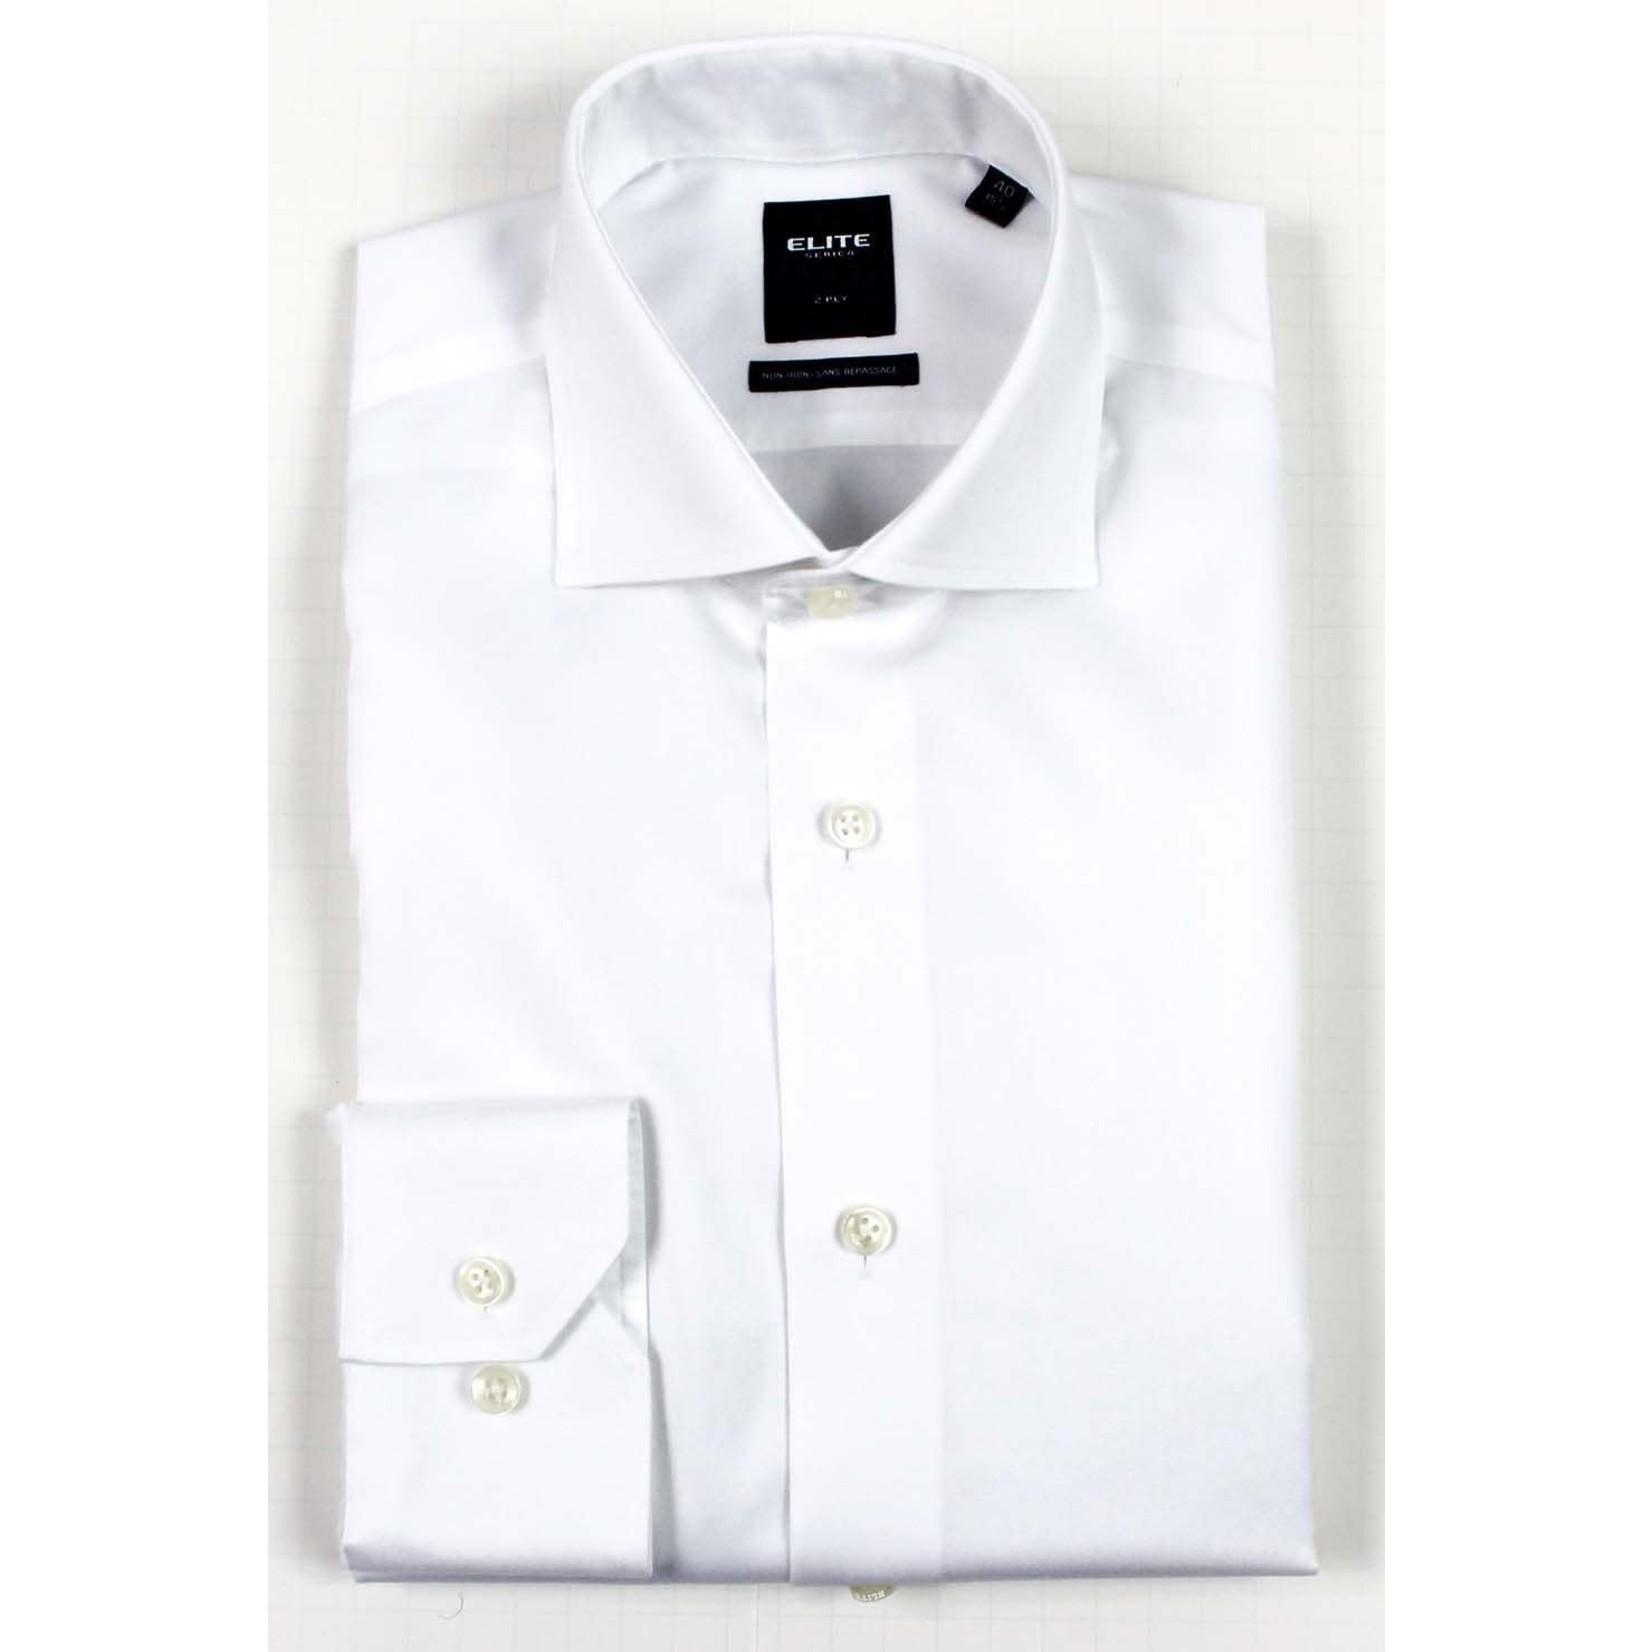 Elite Elite E-106 2-Ply Cotton Dress Shirt - 2 Colors